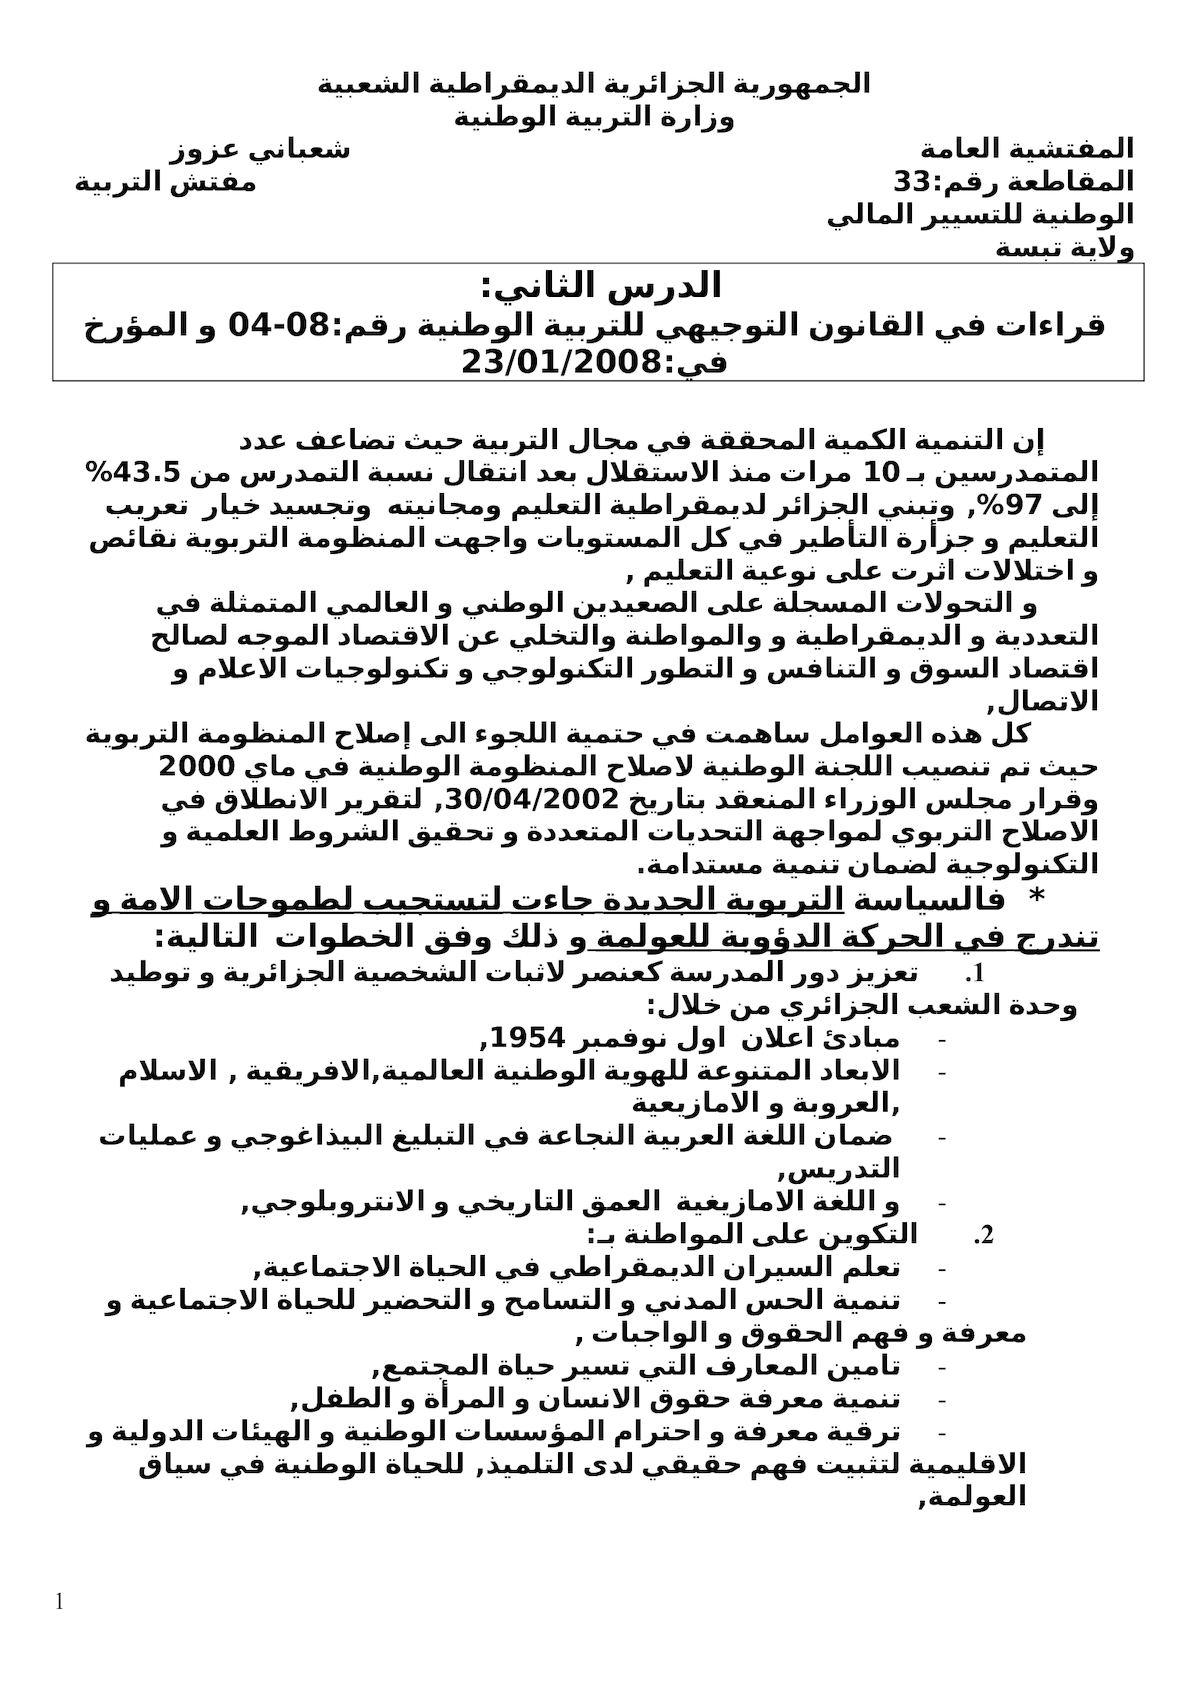 قراءة في القانون التوجيهي للتربية الوطنية 08 04